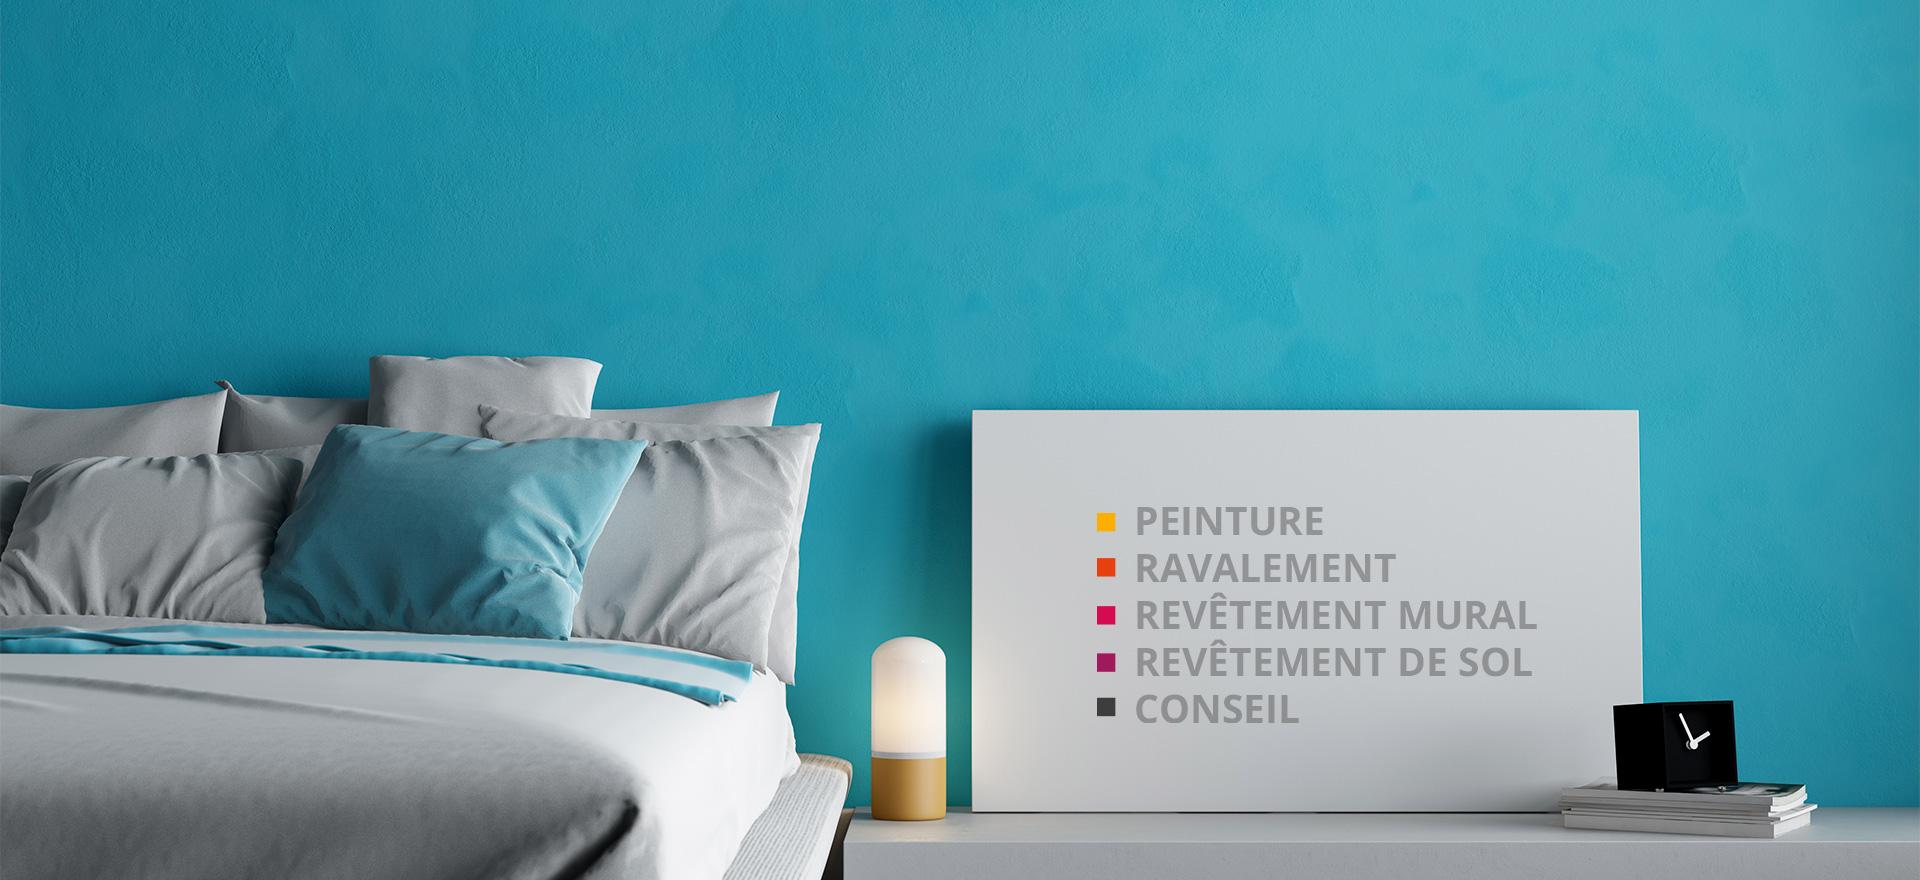 jg peinture sp cialiste de la peinture du ravalement et. Black Bedroom Furniture Sets. Home Design Ideas